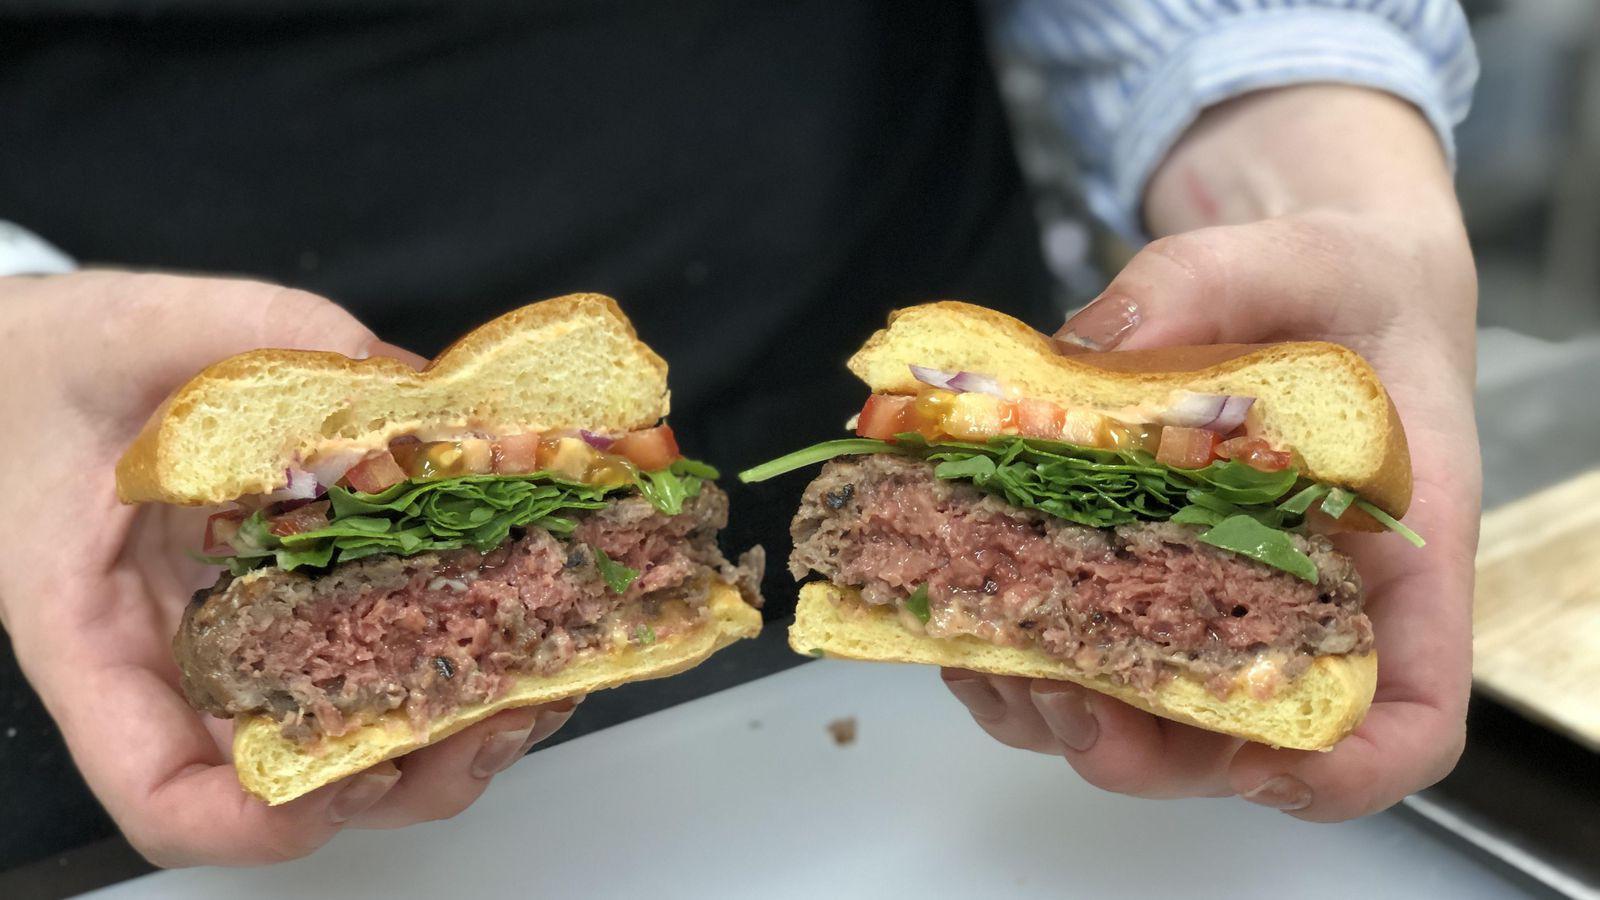 Các nhà sản xuất thịt thực vật chóng mặt vì nhu cầu lớn của người tiêu dùng - Ảnh 2.